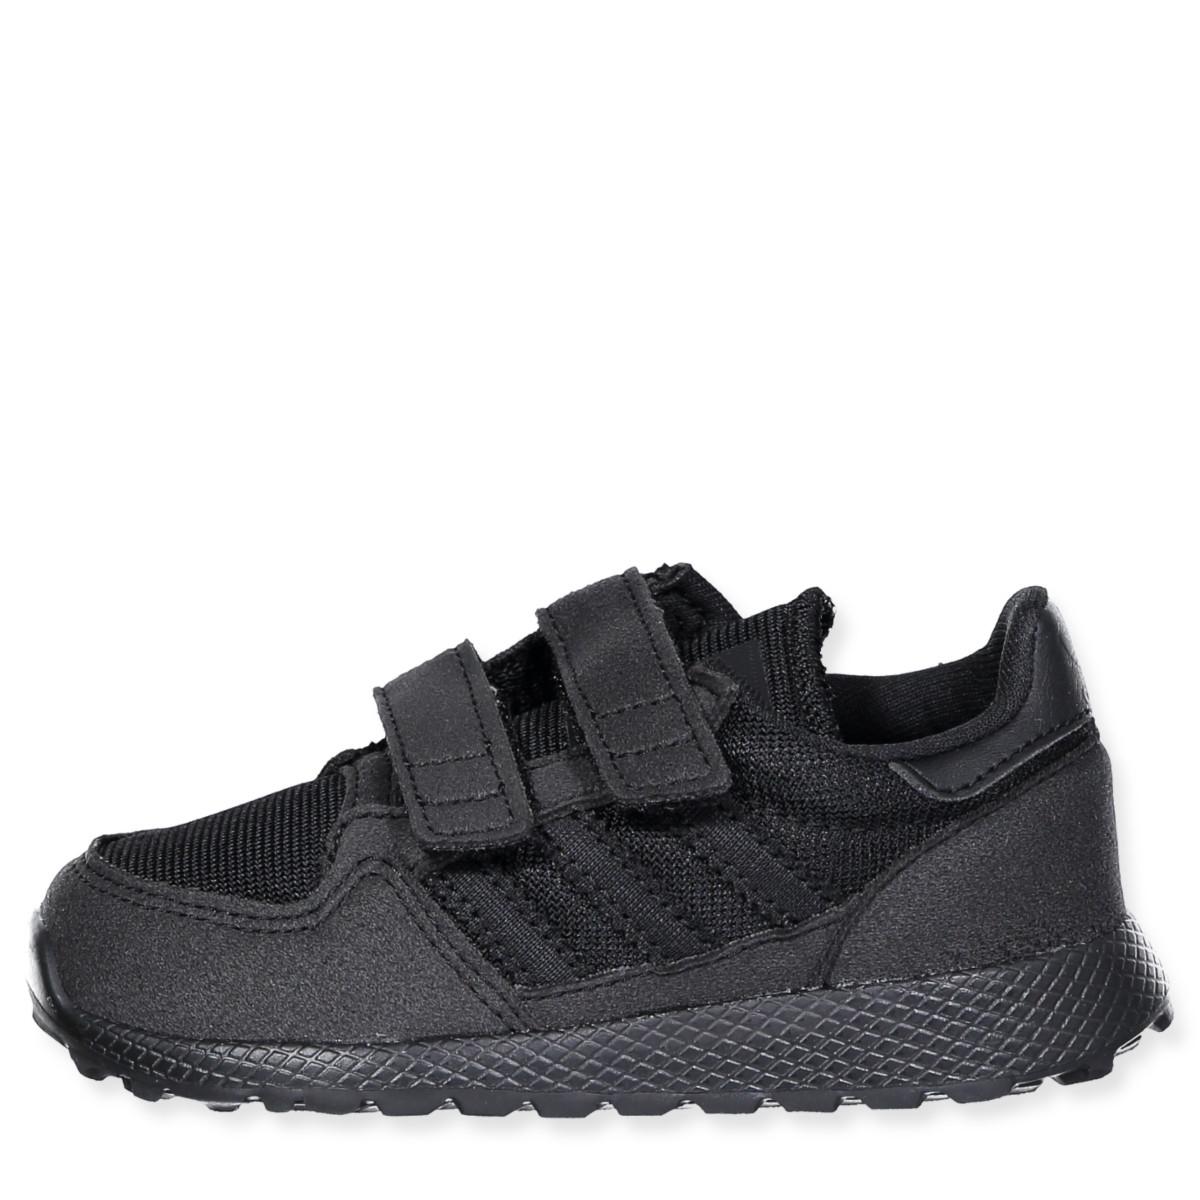 1d68a4103e80 Adidas Originals - Forest Grove CF I sneakers